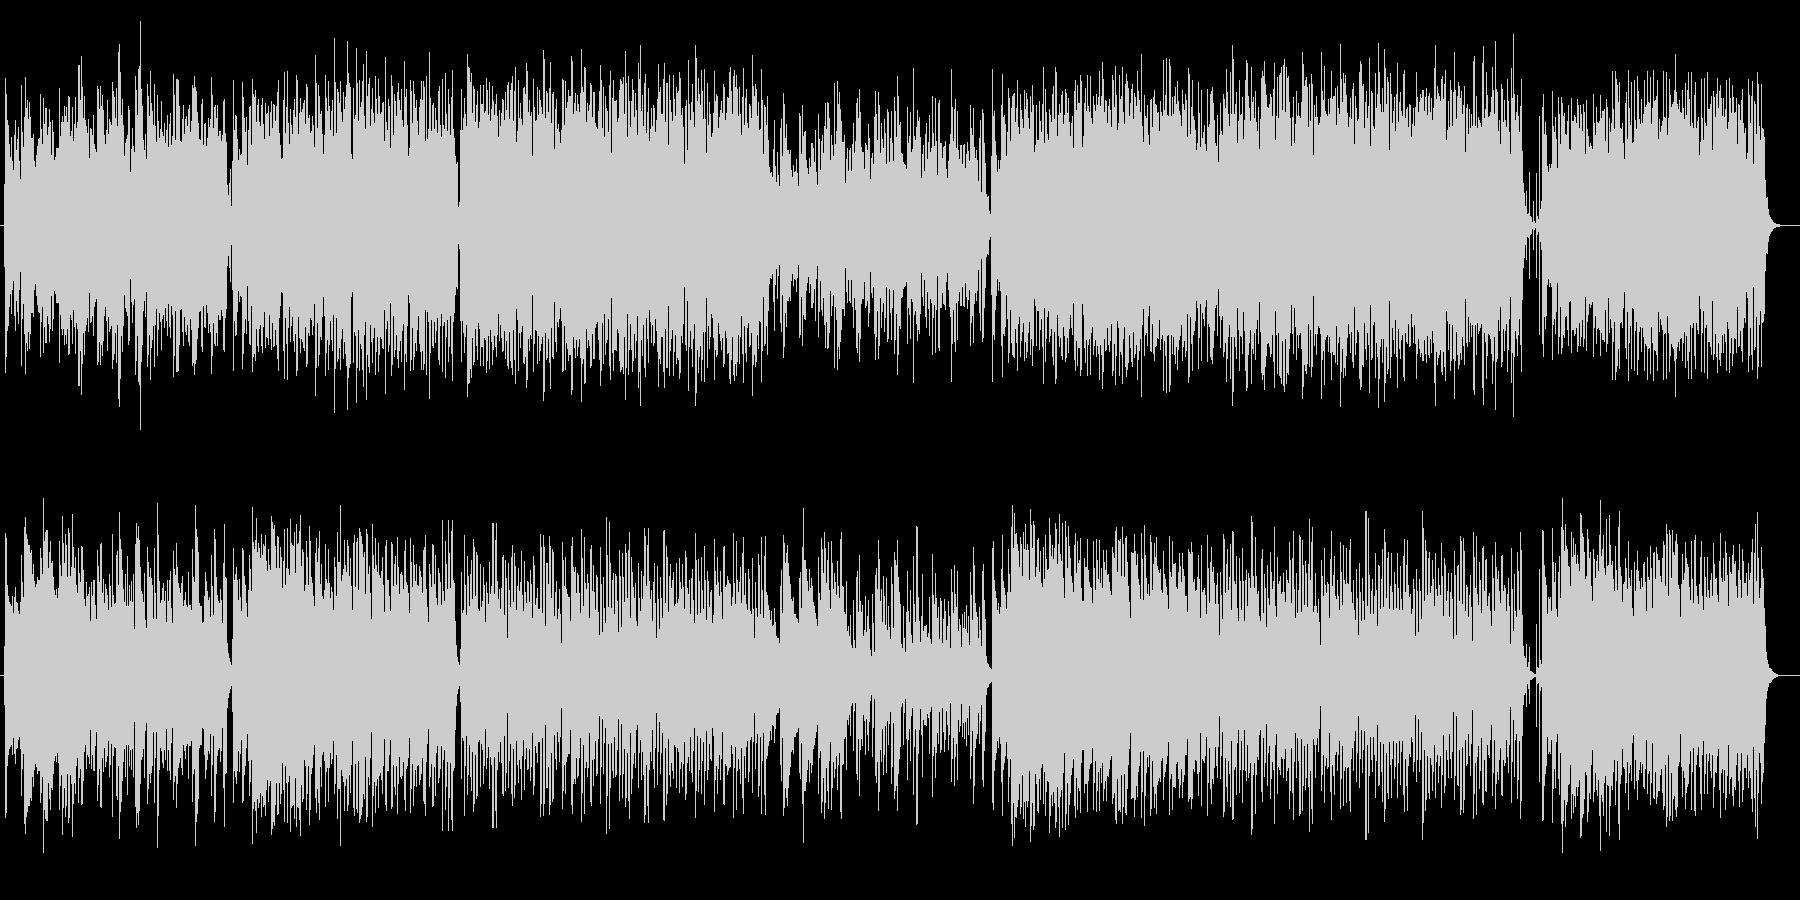 ゆったりほのぼのとしたリラクゼーション曲の未再生の波形